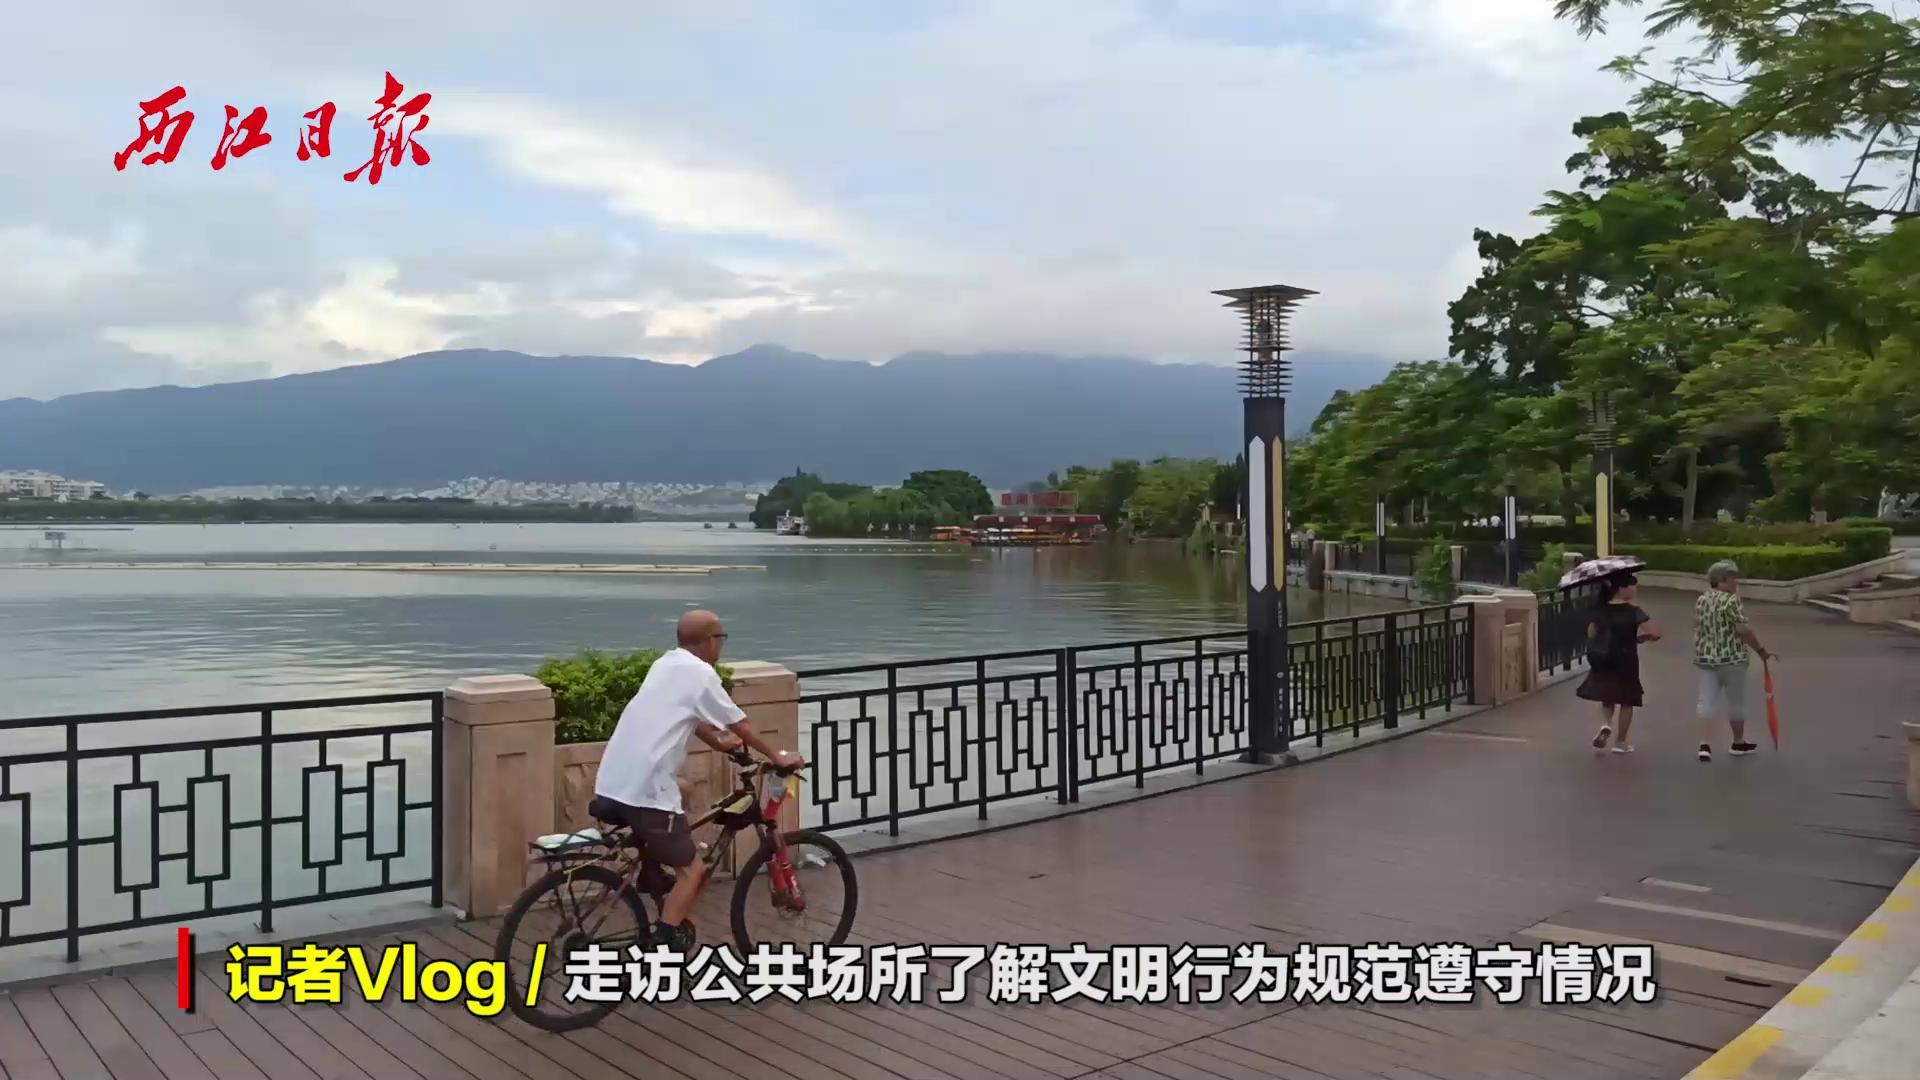 记者vlog走访公共场所了解文明行为规范遵守情况